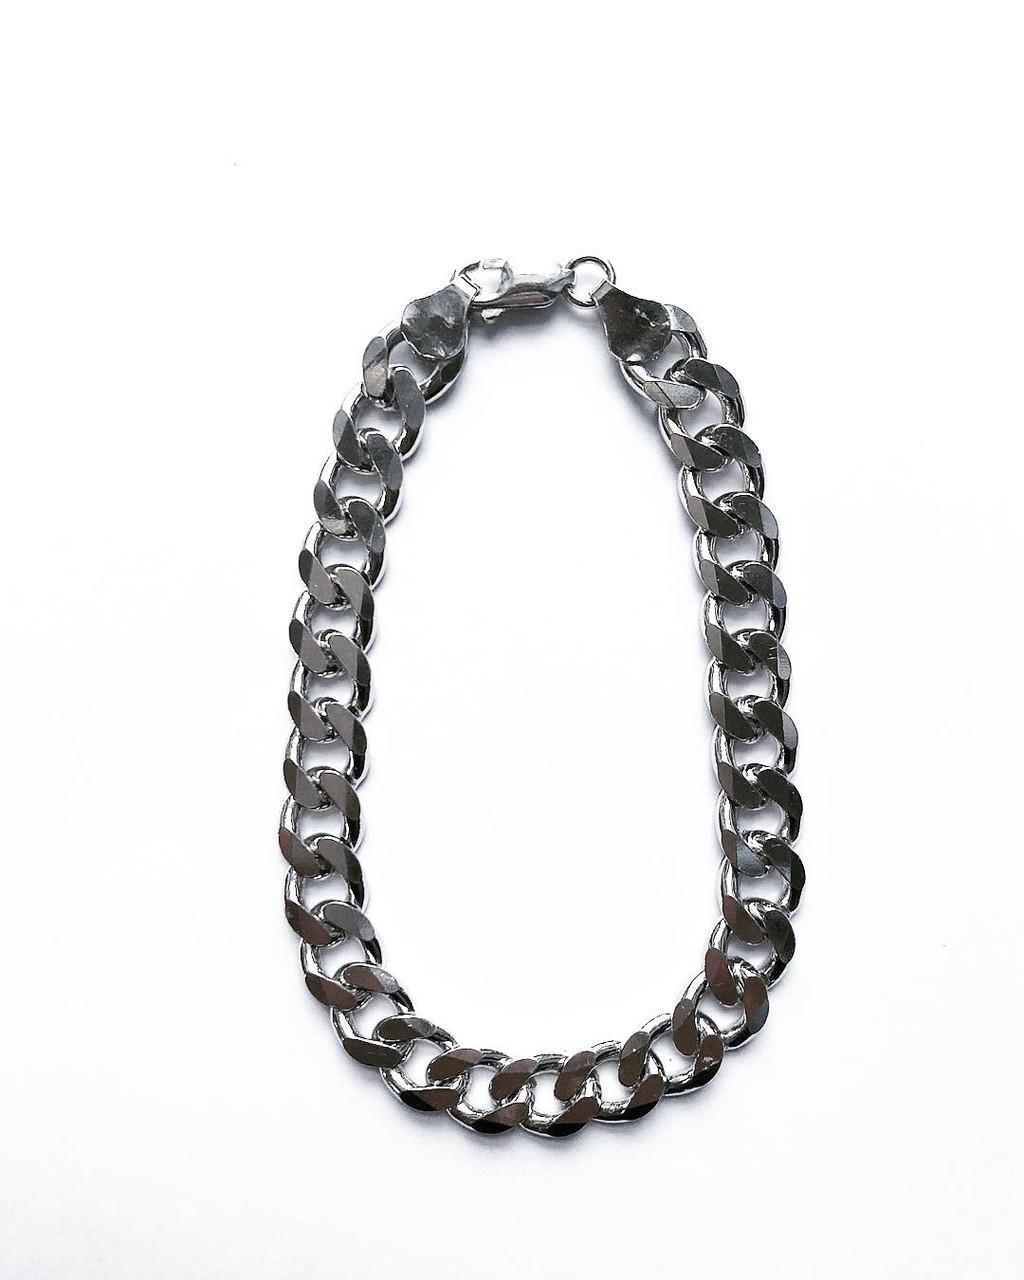 Чоловічий браслет зі срібла Beauty Bar 22 см панцирні плетіння 29 грам